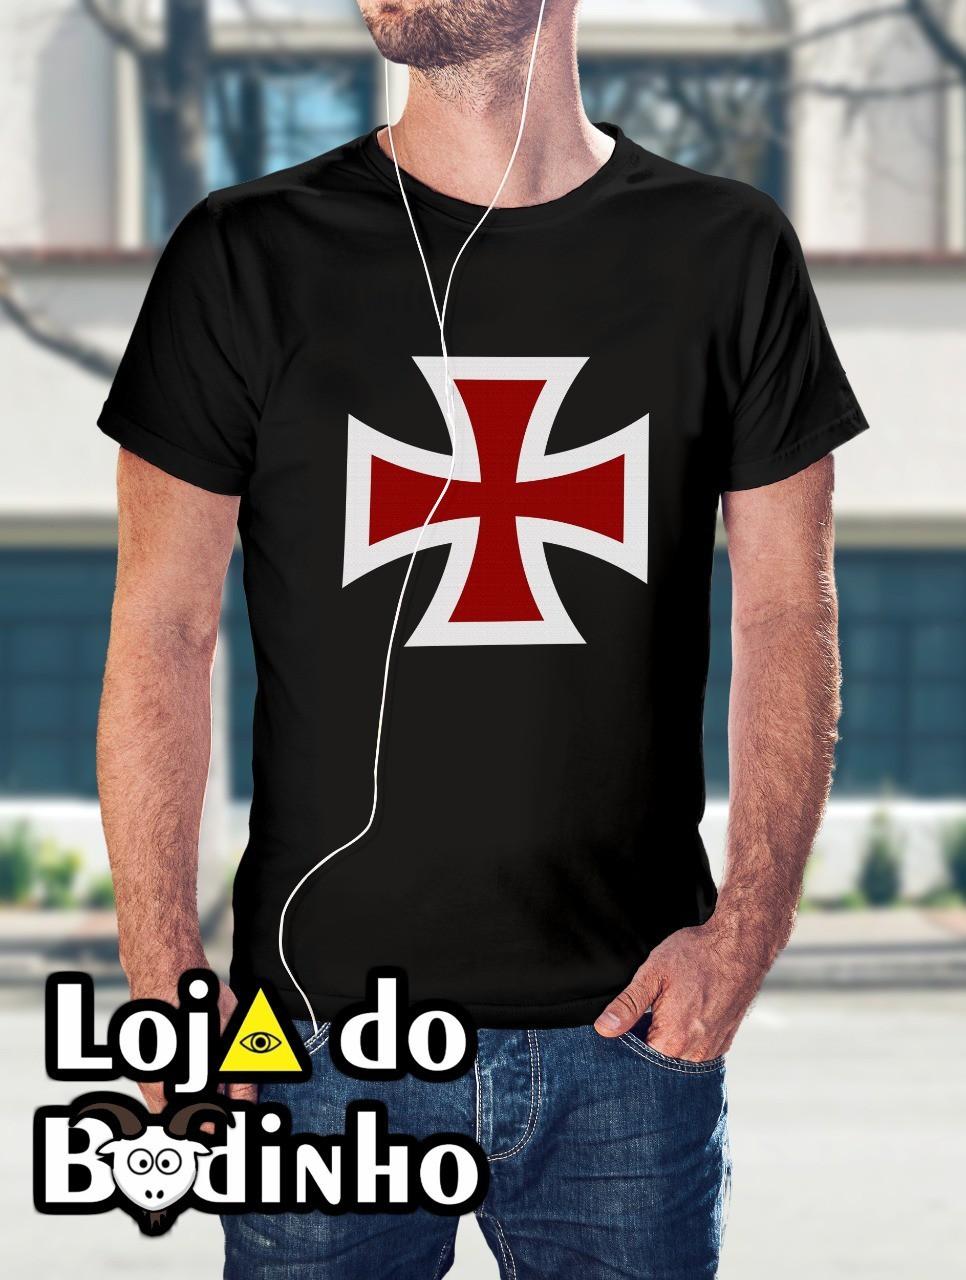 Camiseta Cruz Templária mod. 02 - 3 Opções de Cores